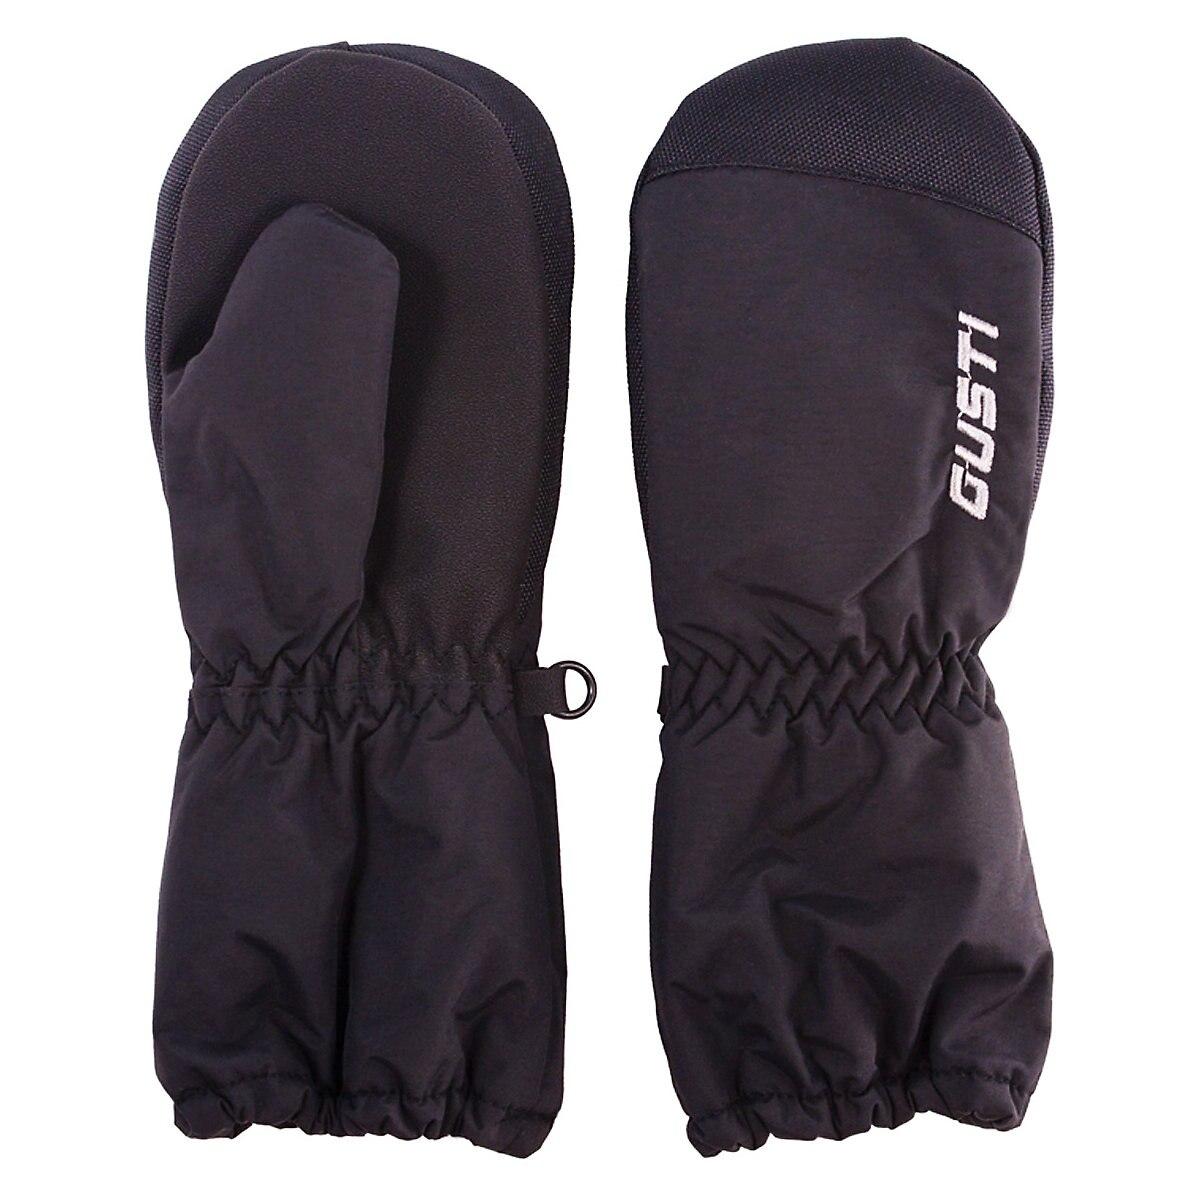 Gloves & Mittens Gusti 9511836 glove mittenclothes for children girl boy girls boys winter